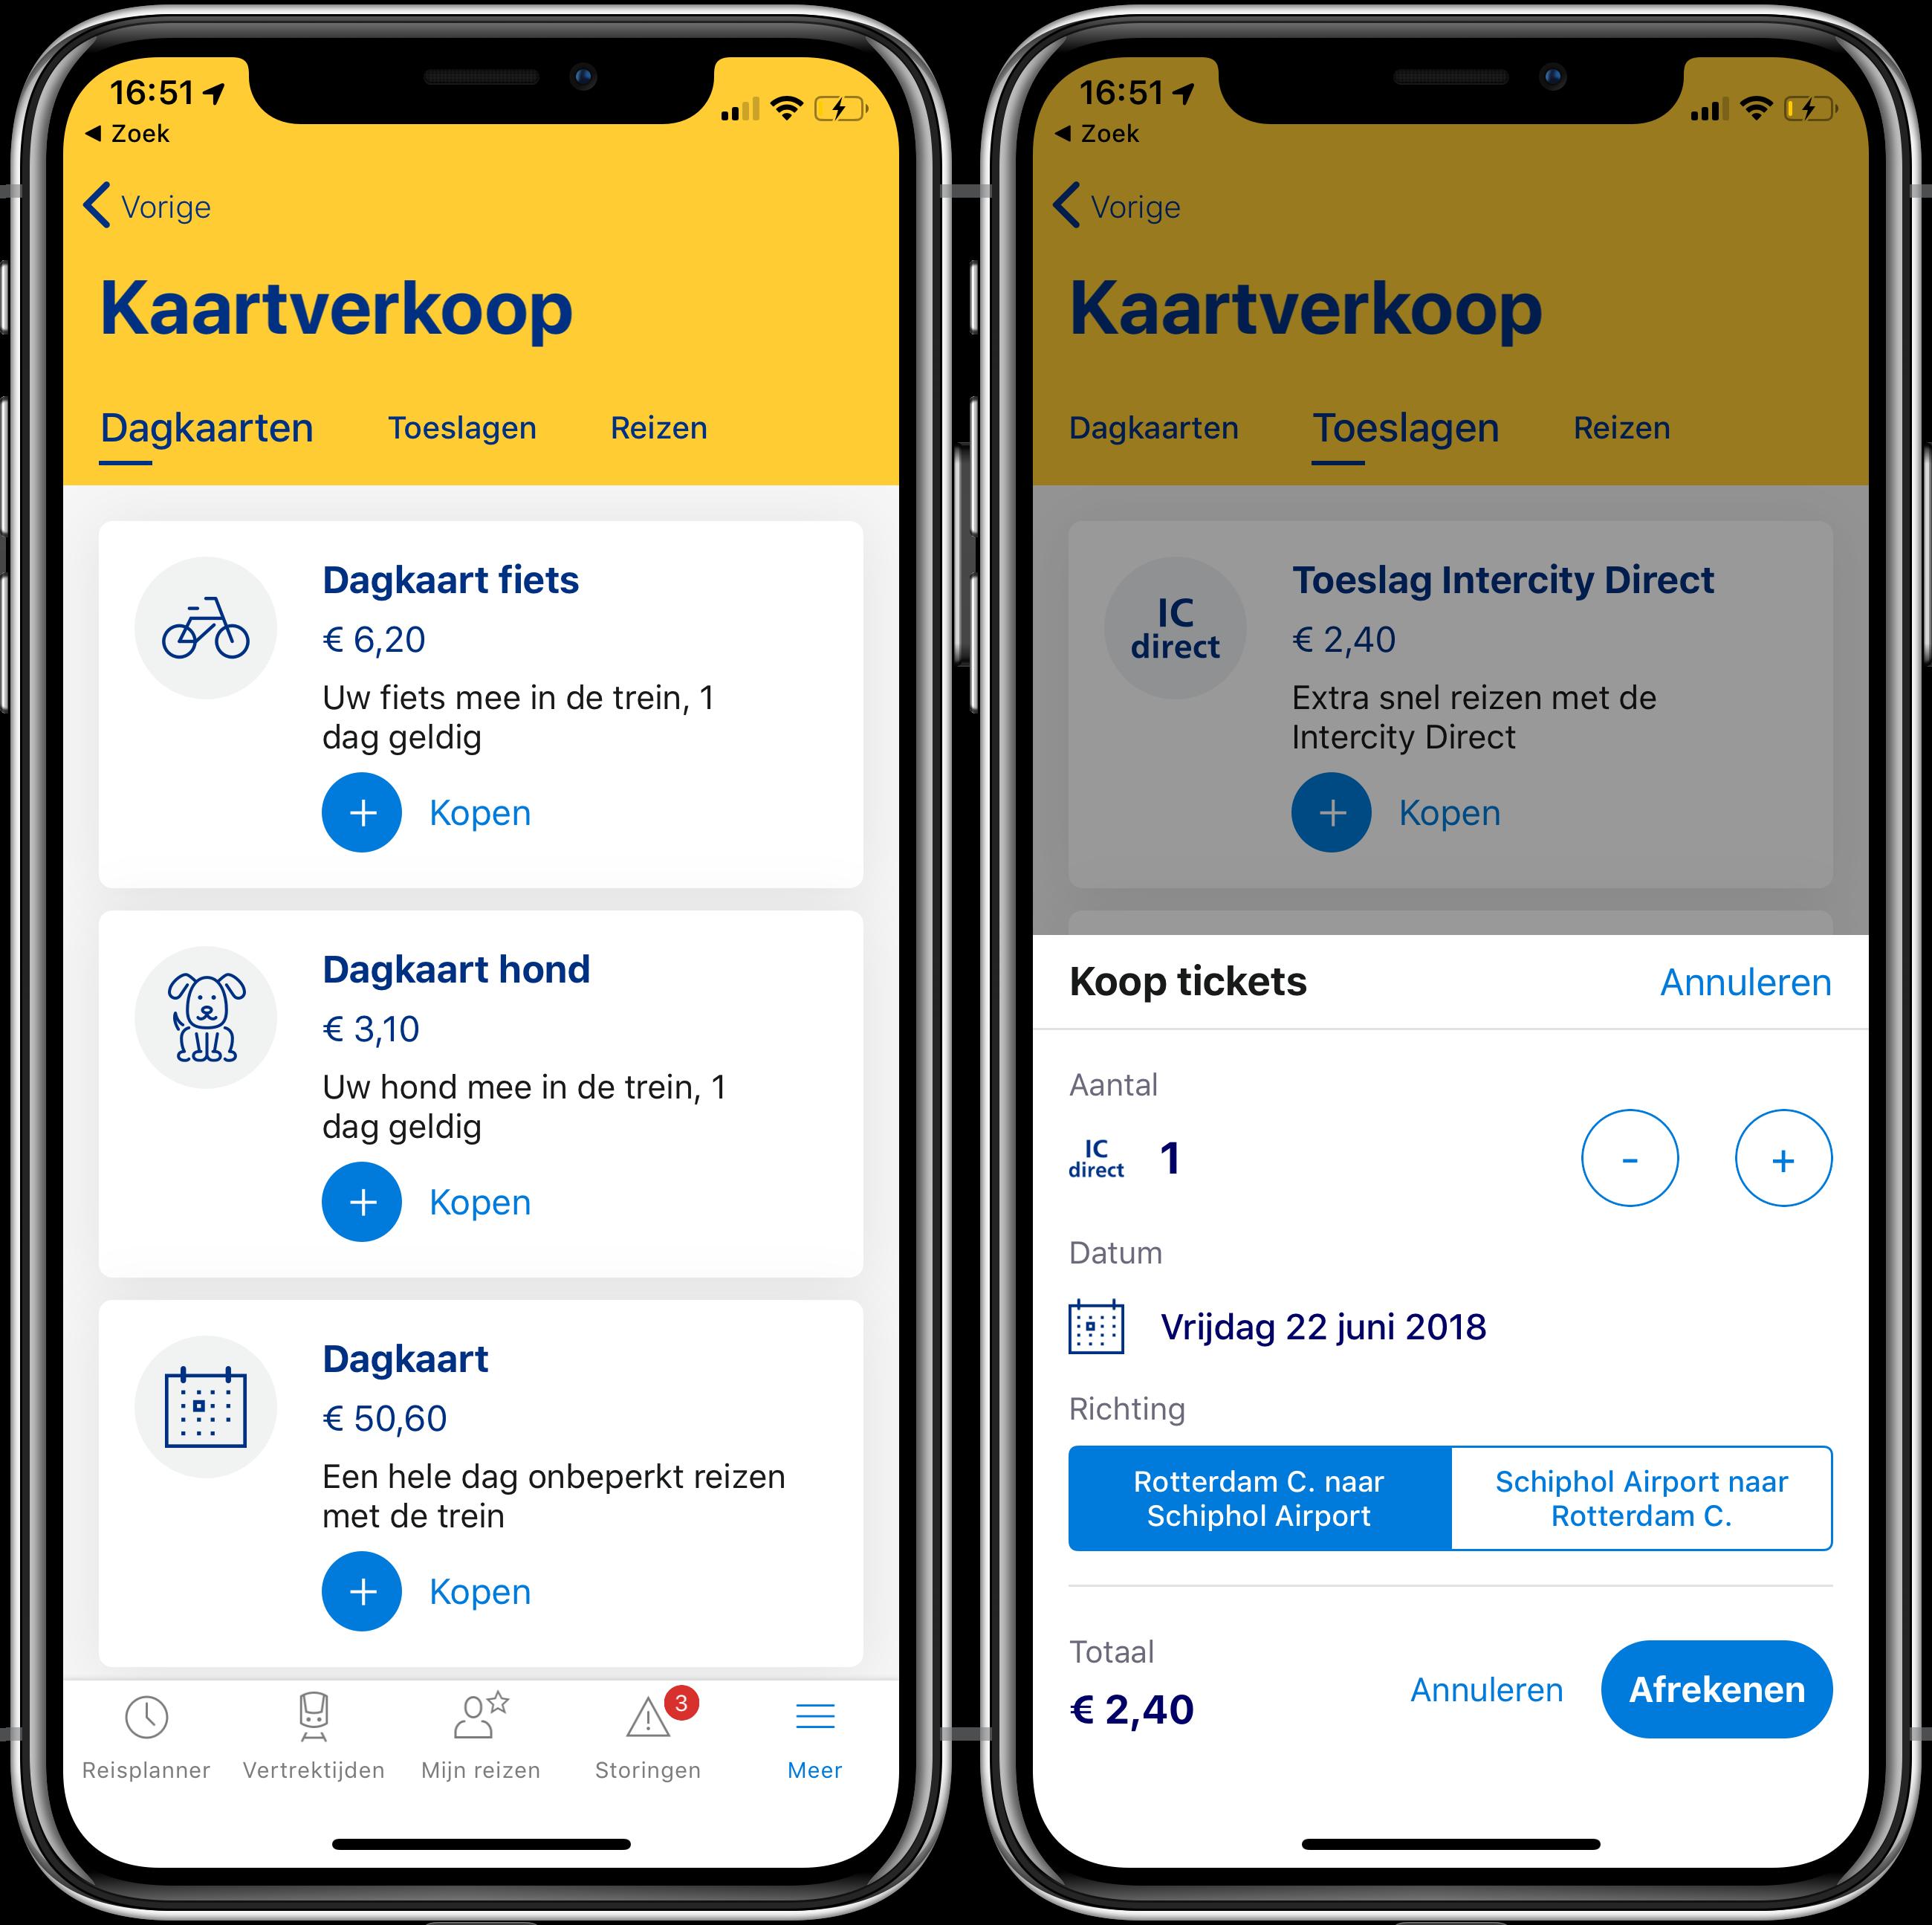 NS Reisplanner app